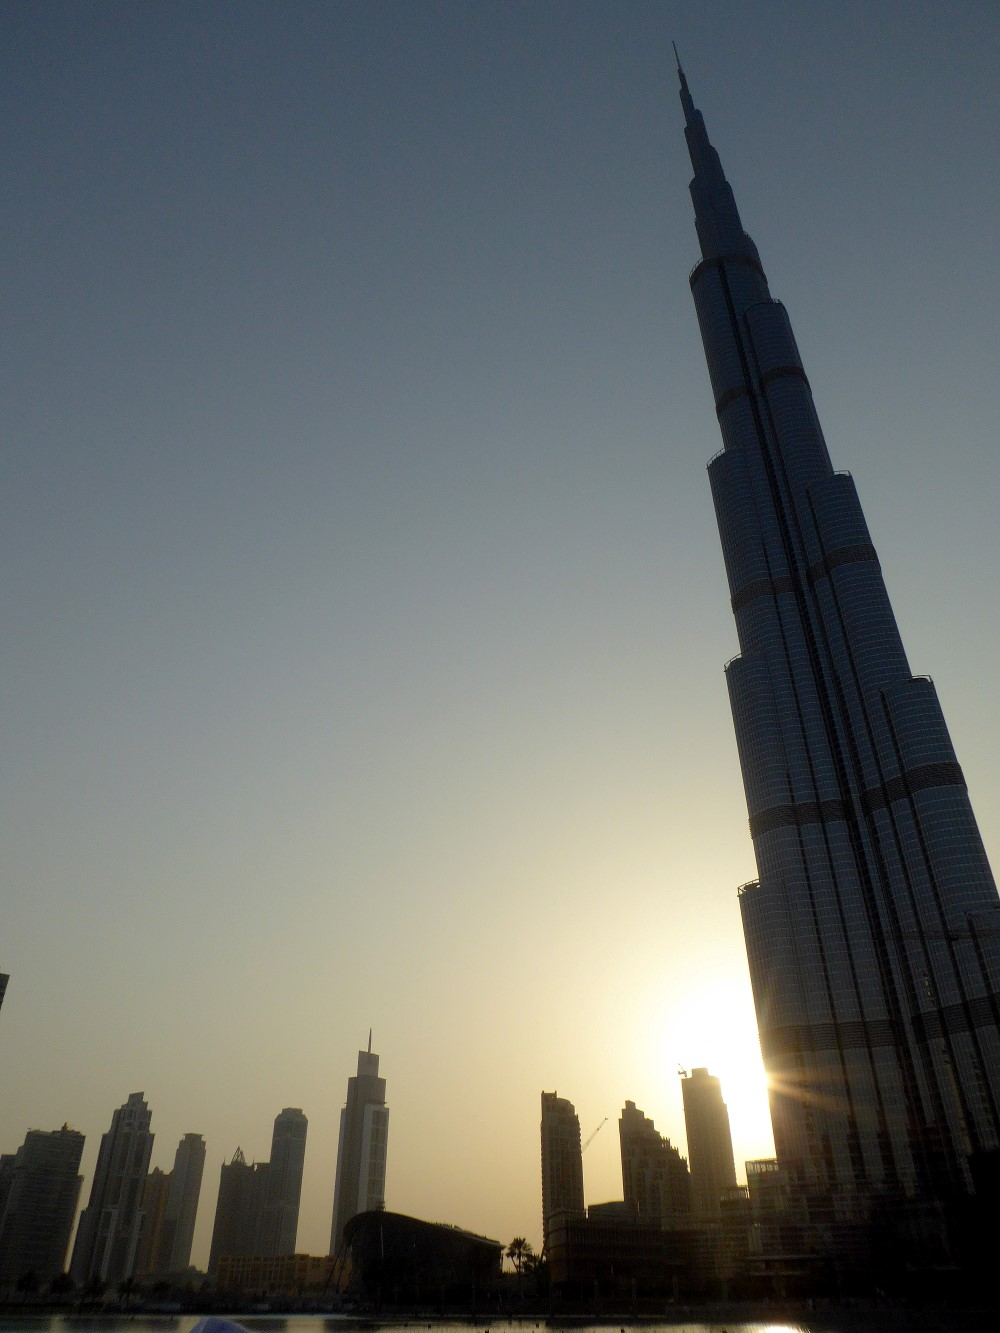 höhe-burj-khalifa